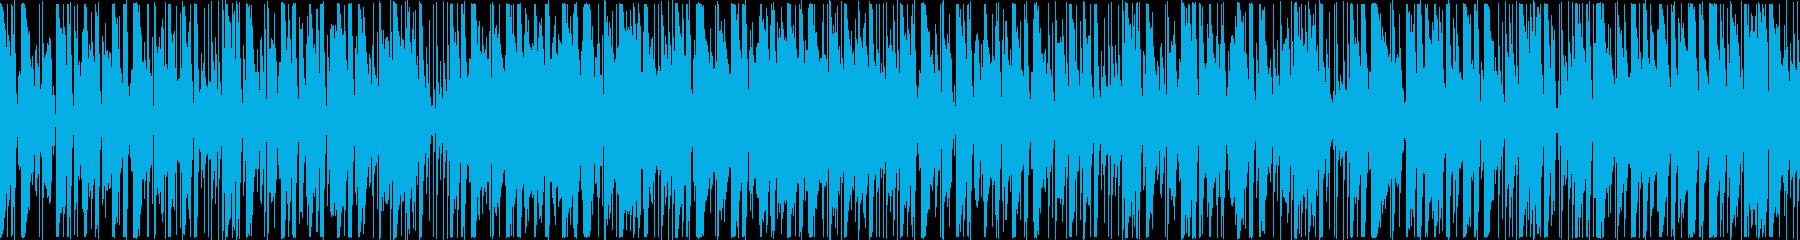 定番曲:のどかな日常[ループ]の再生済みの波形